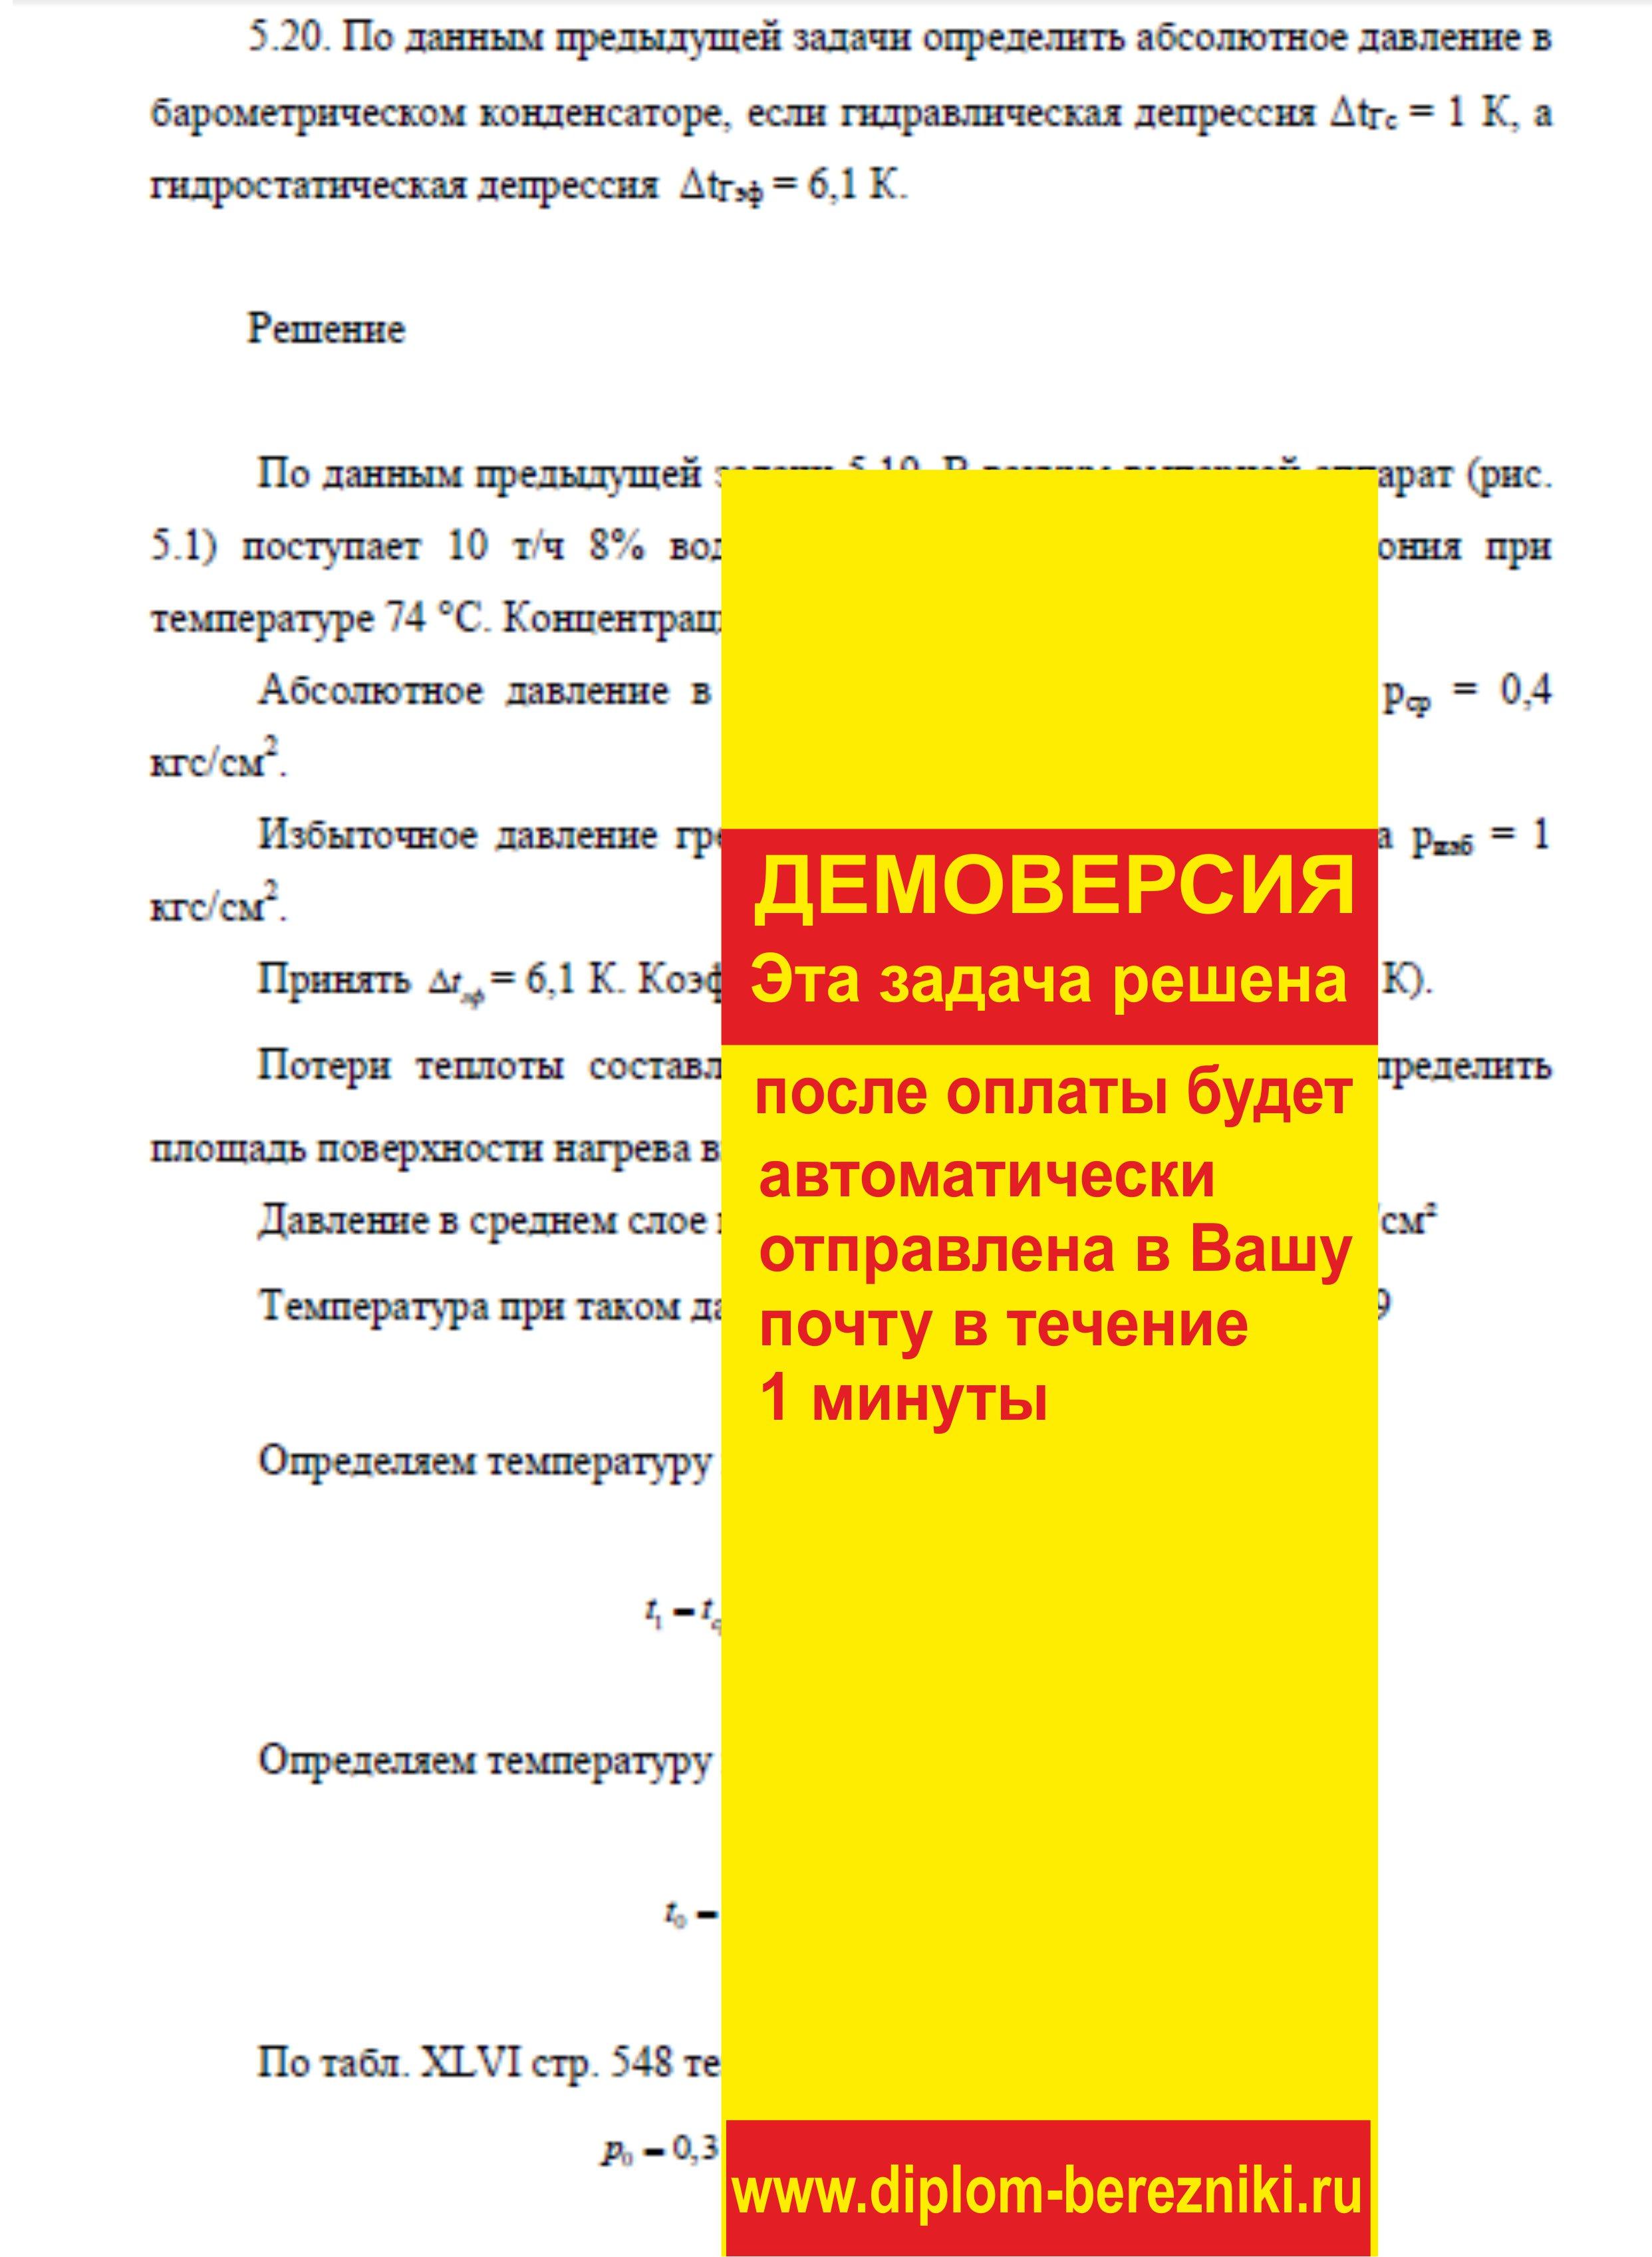 Решение задачи 5.20 по ПАХТ из задачника Павлова Романкова Носкова